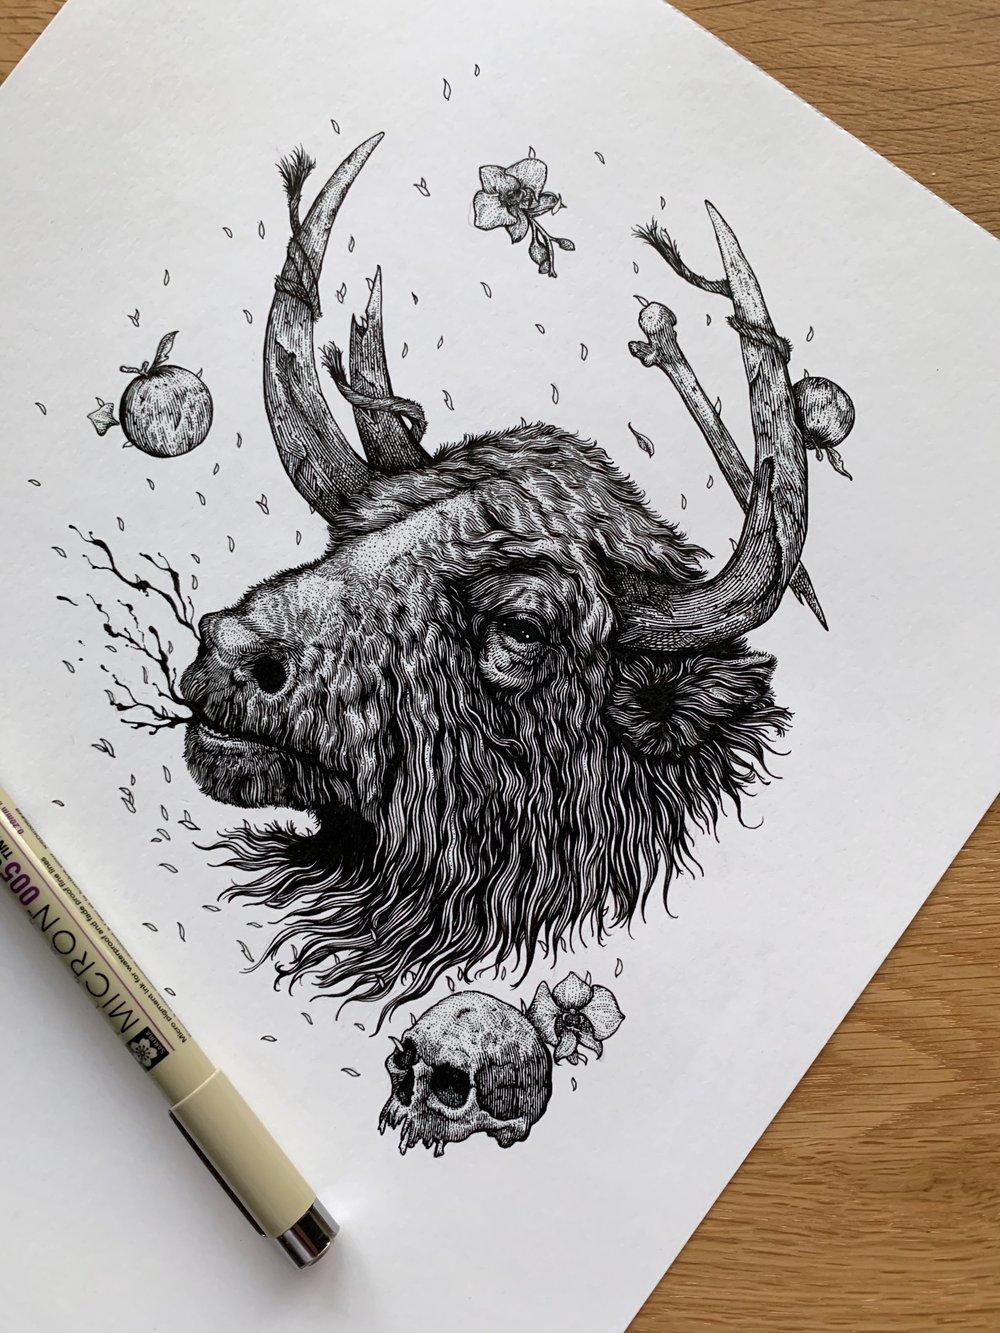 Image of Cretan Bull - Original Art